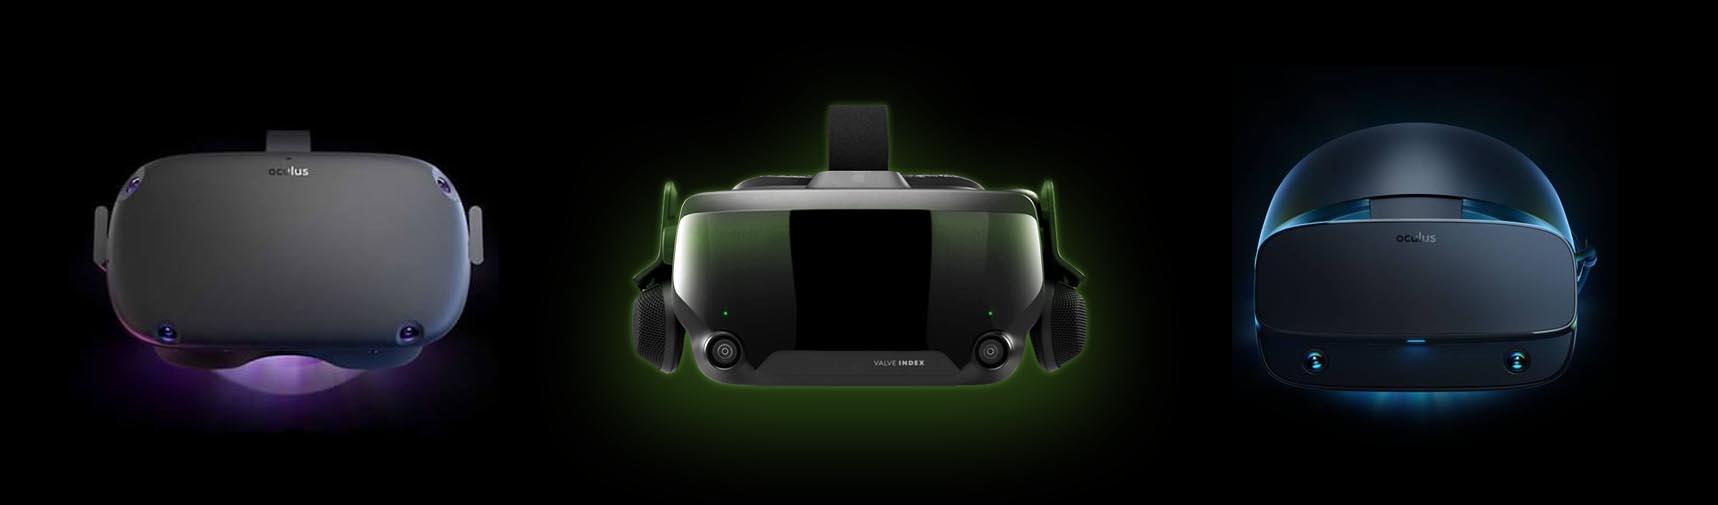 Corona Oculus Quest Valve Index